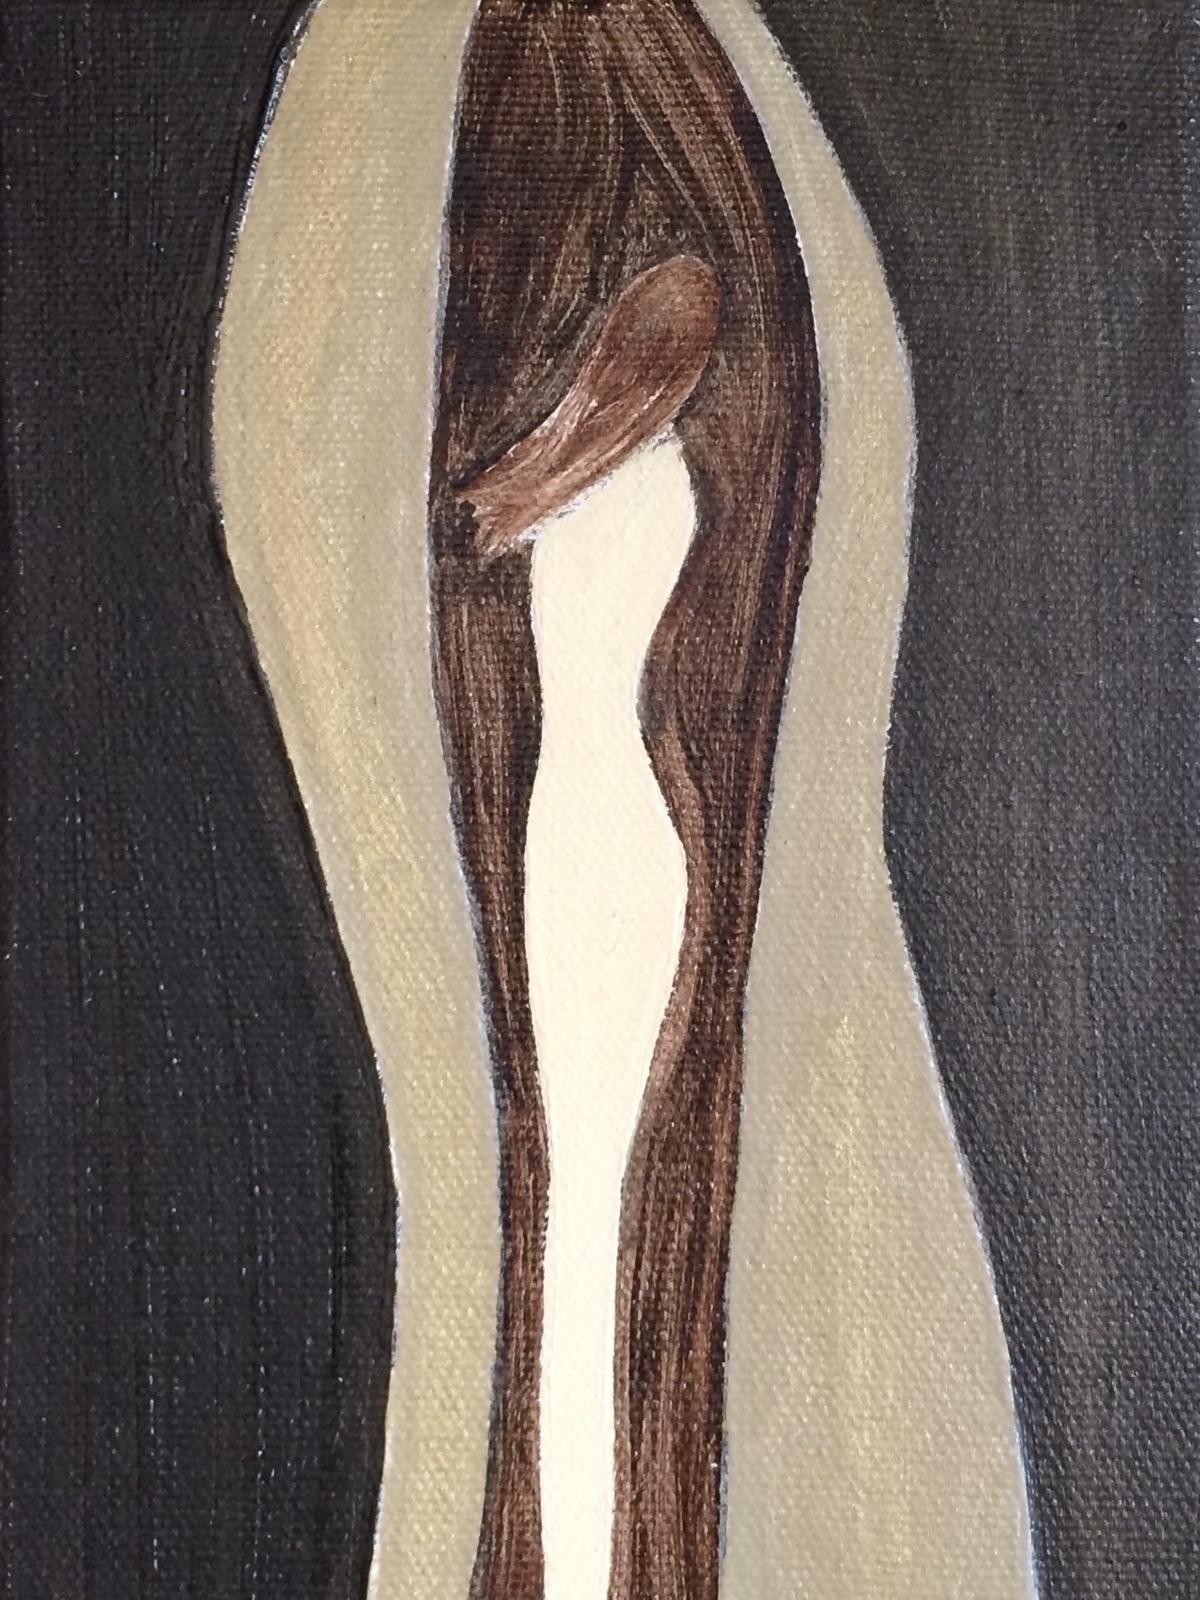 art, texture, oil, painting - leylasart | ello